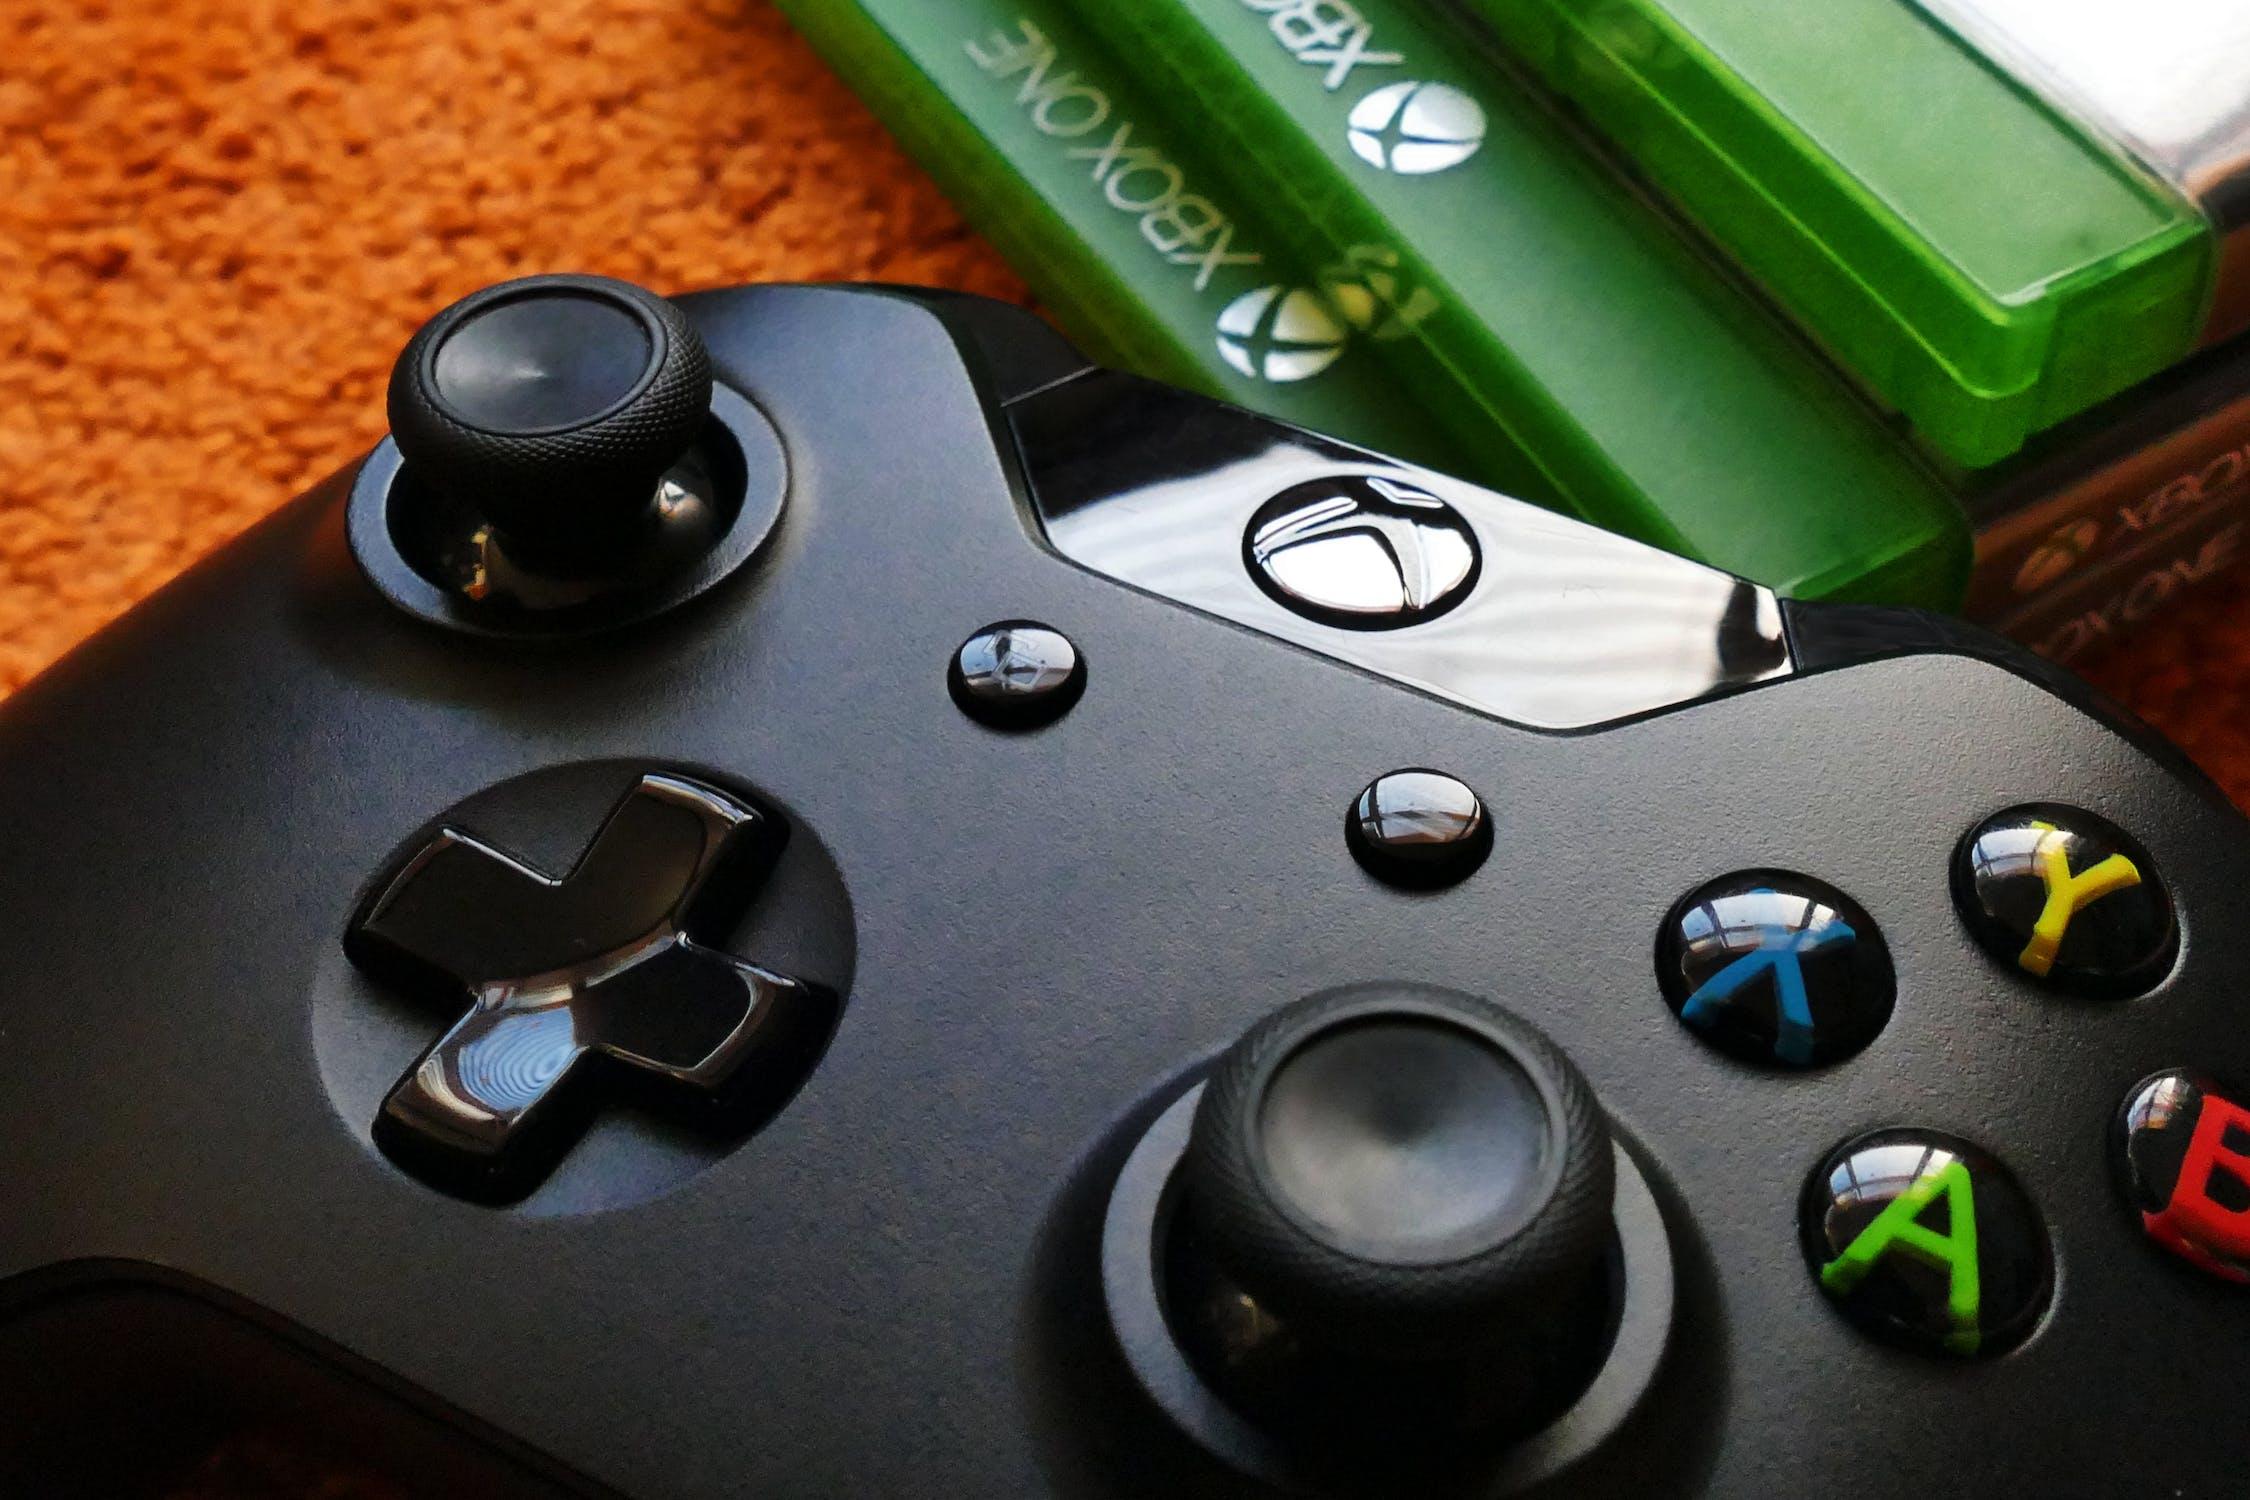 controller, xbox, video games, green